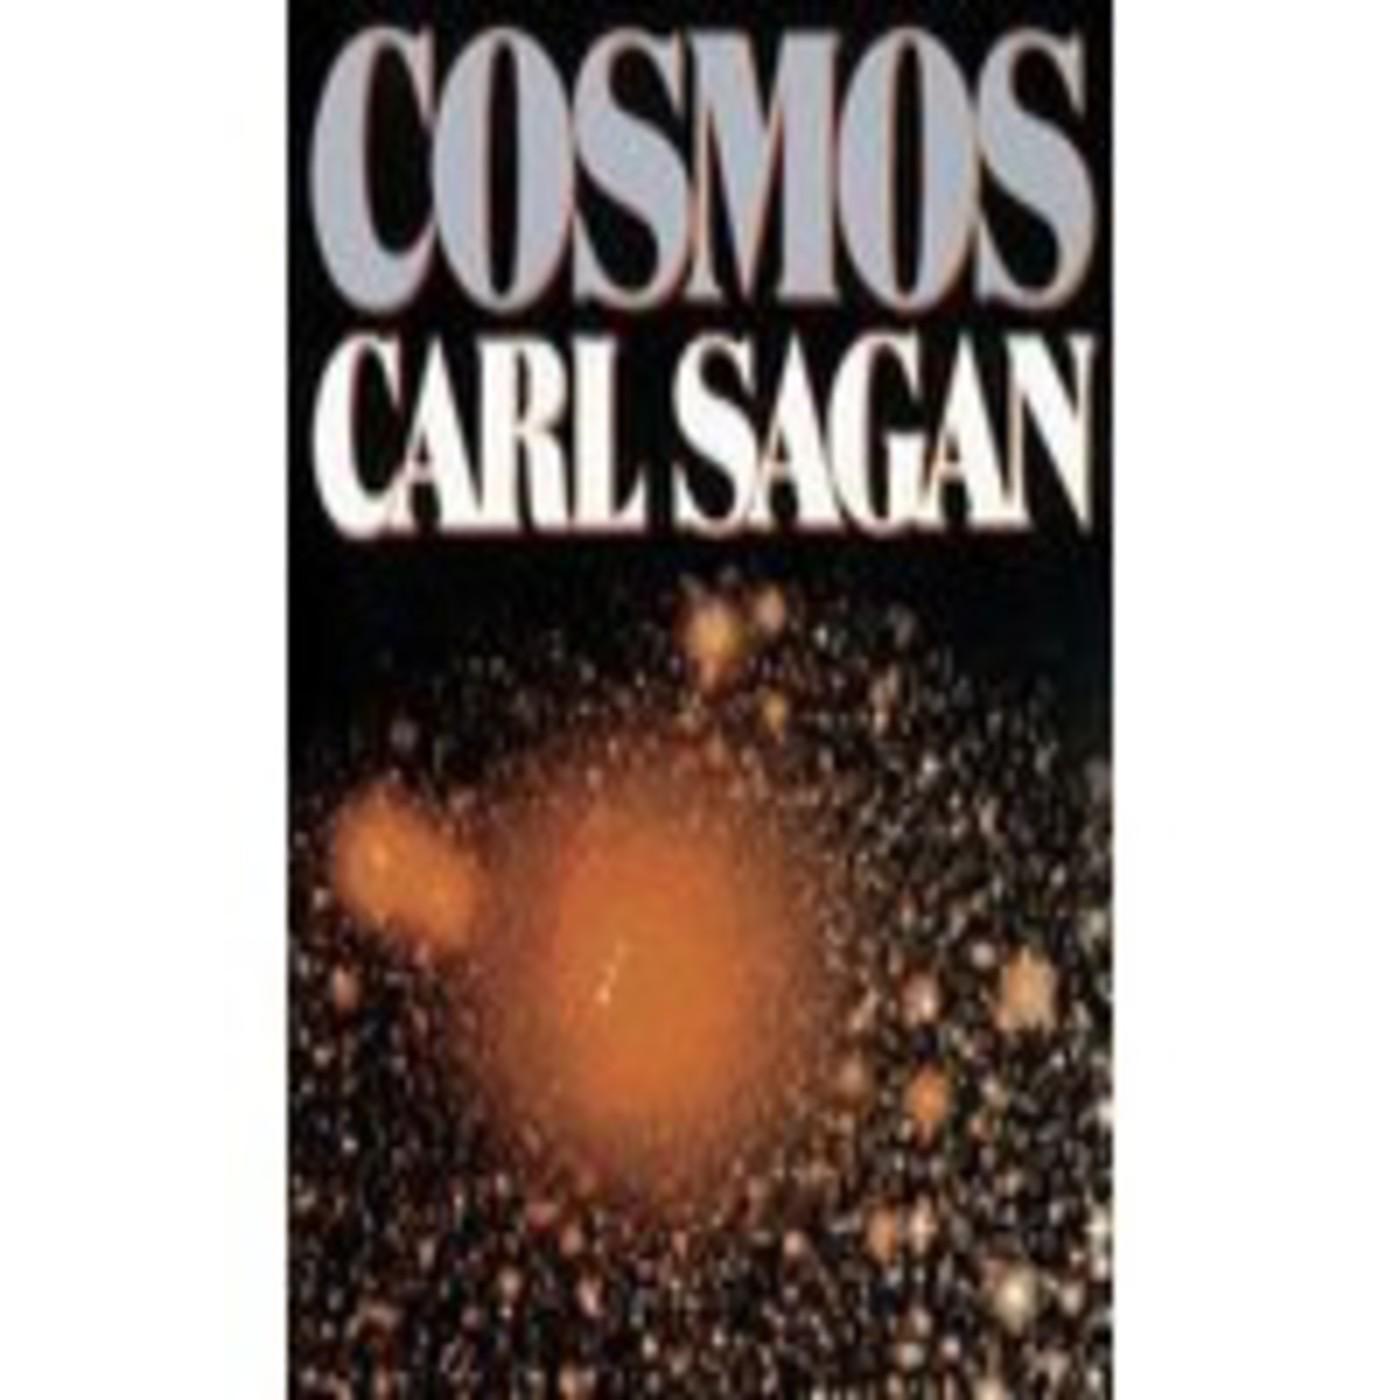 COSMOS (Carl Sagan) - El espinazo de la noche